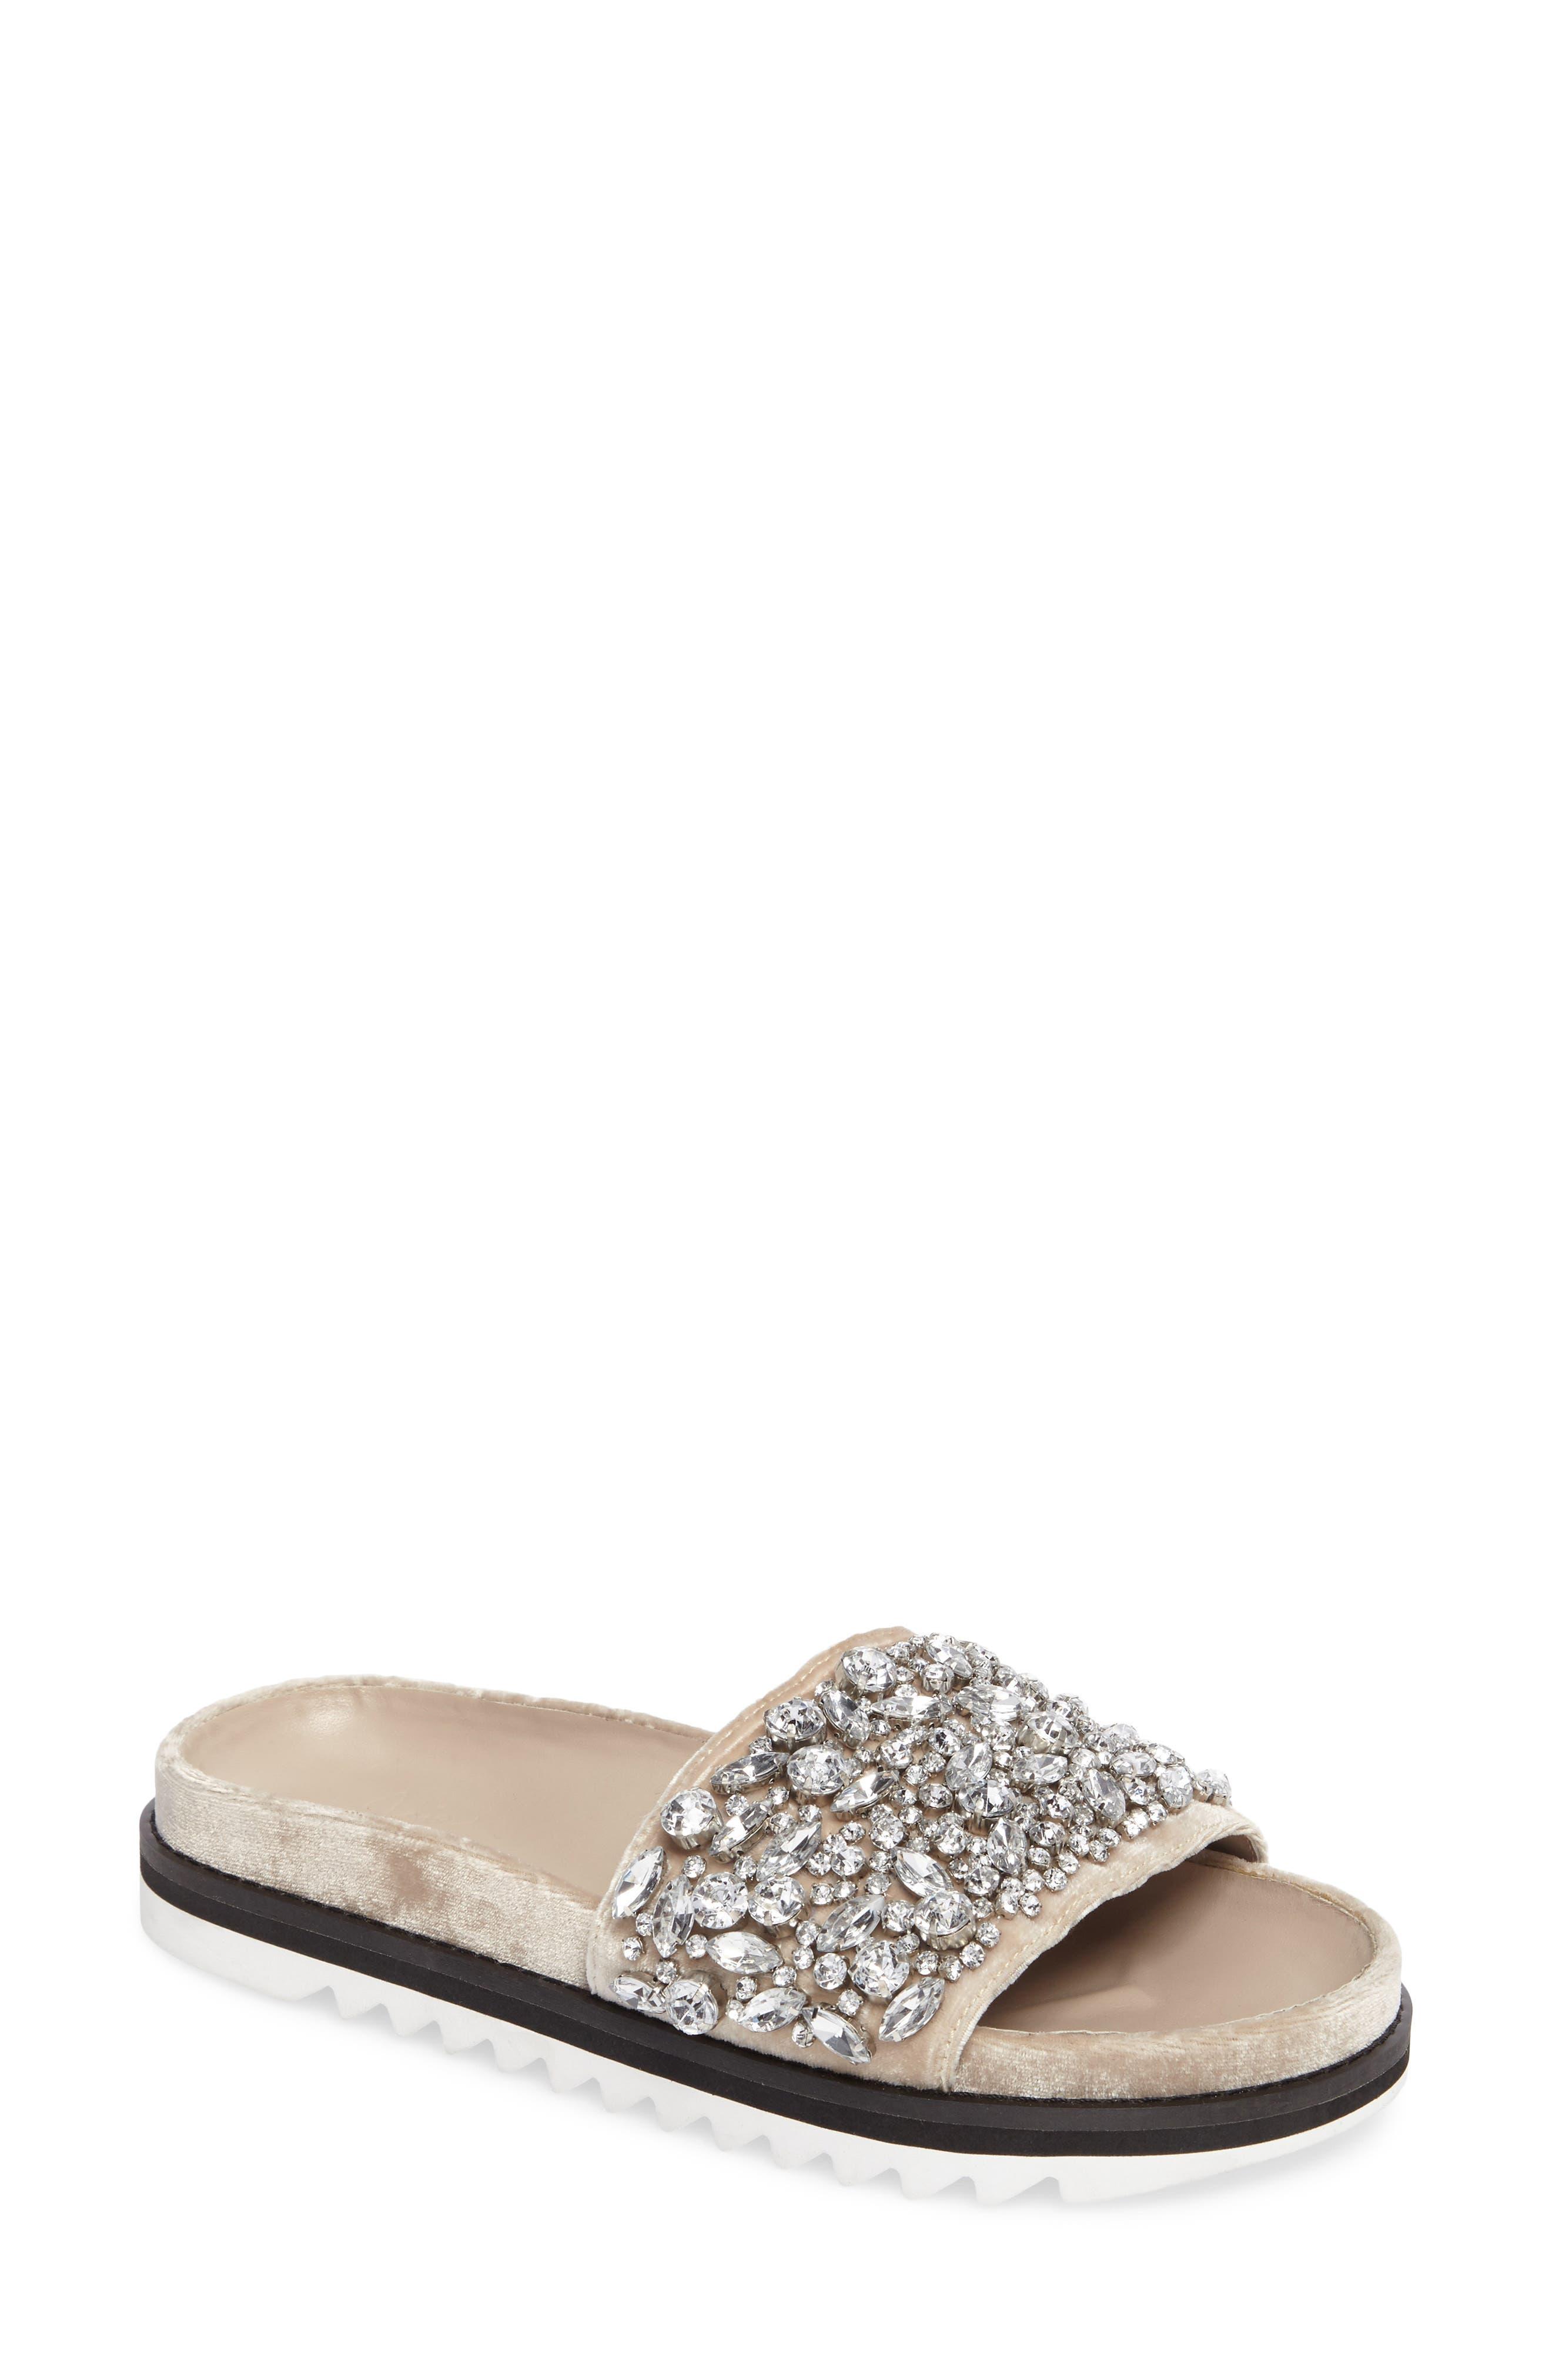 Jacory Crystal Embellished Slide Sandal,                         Main,                         color,